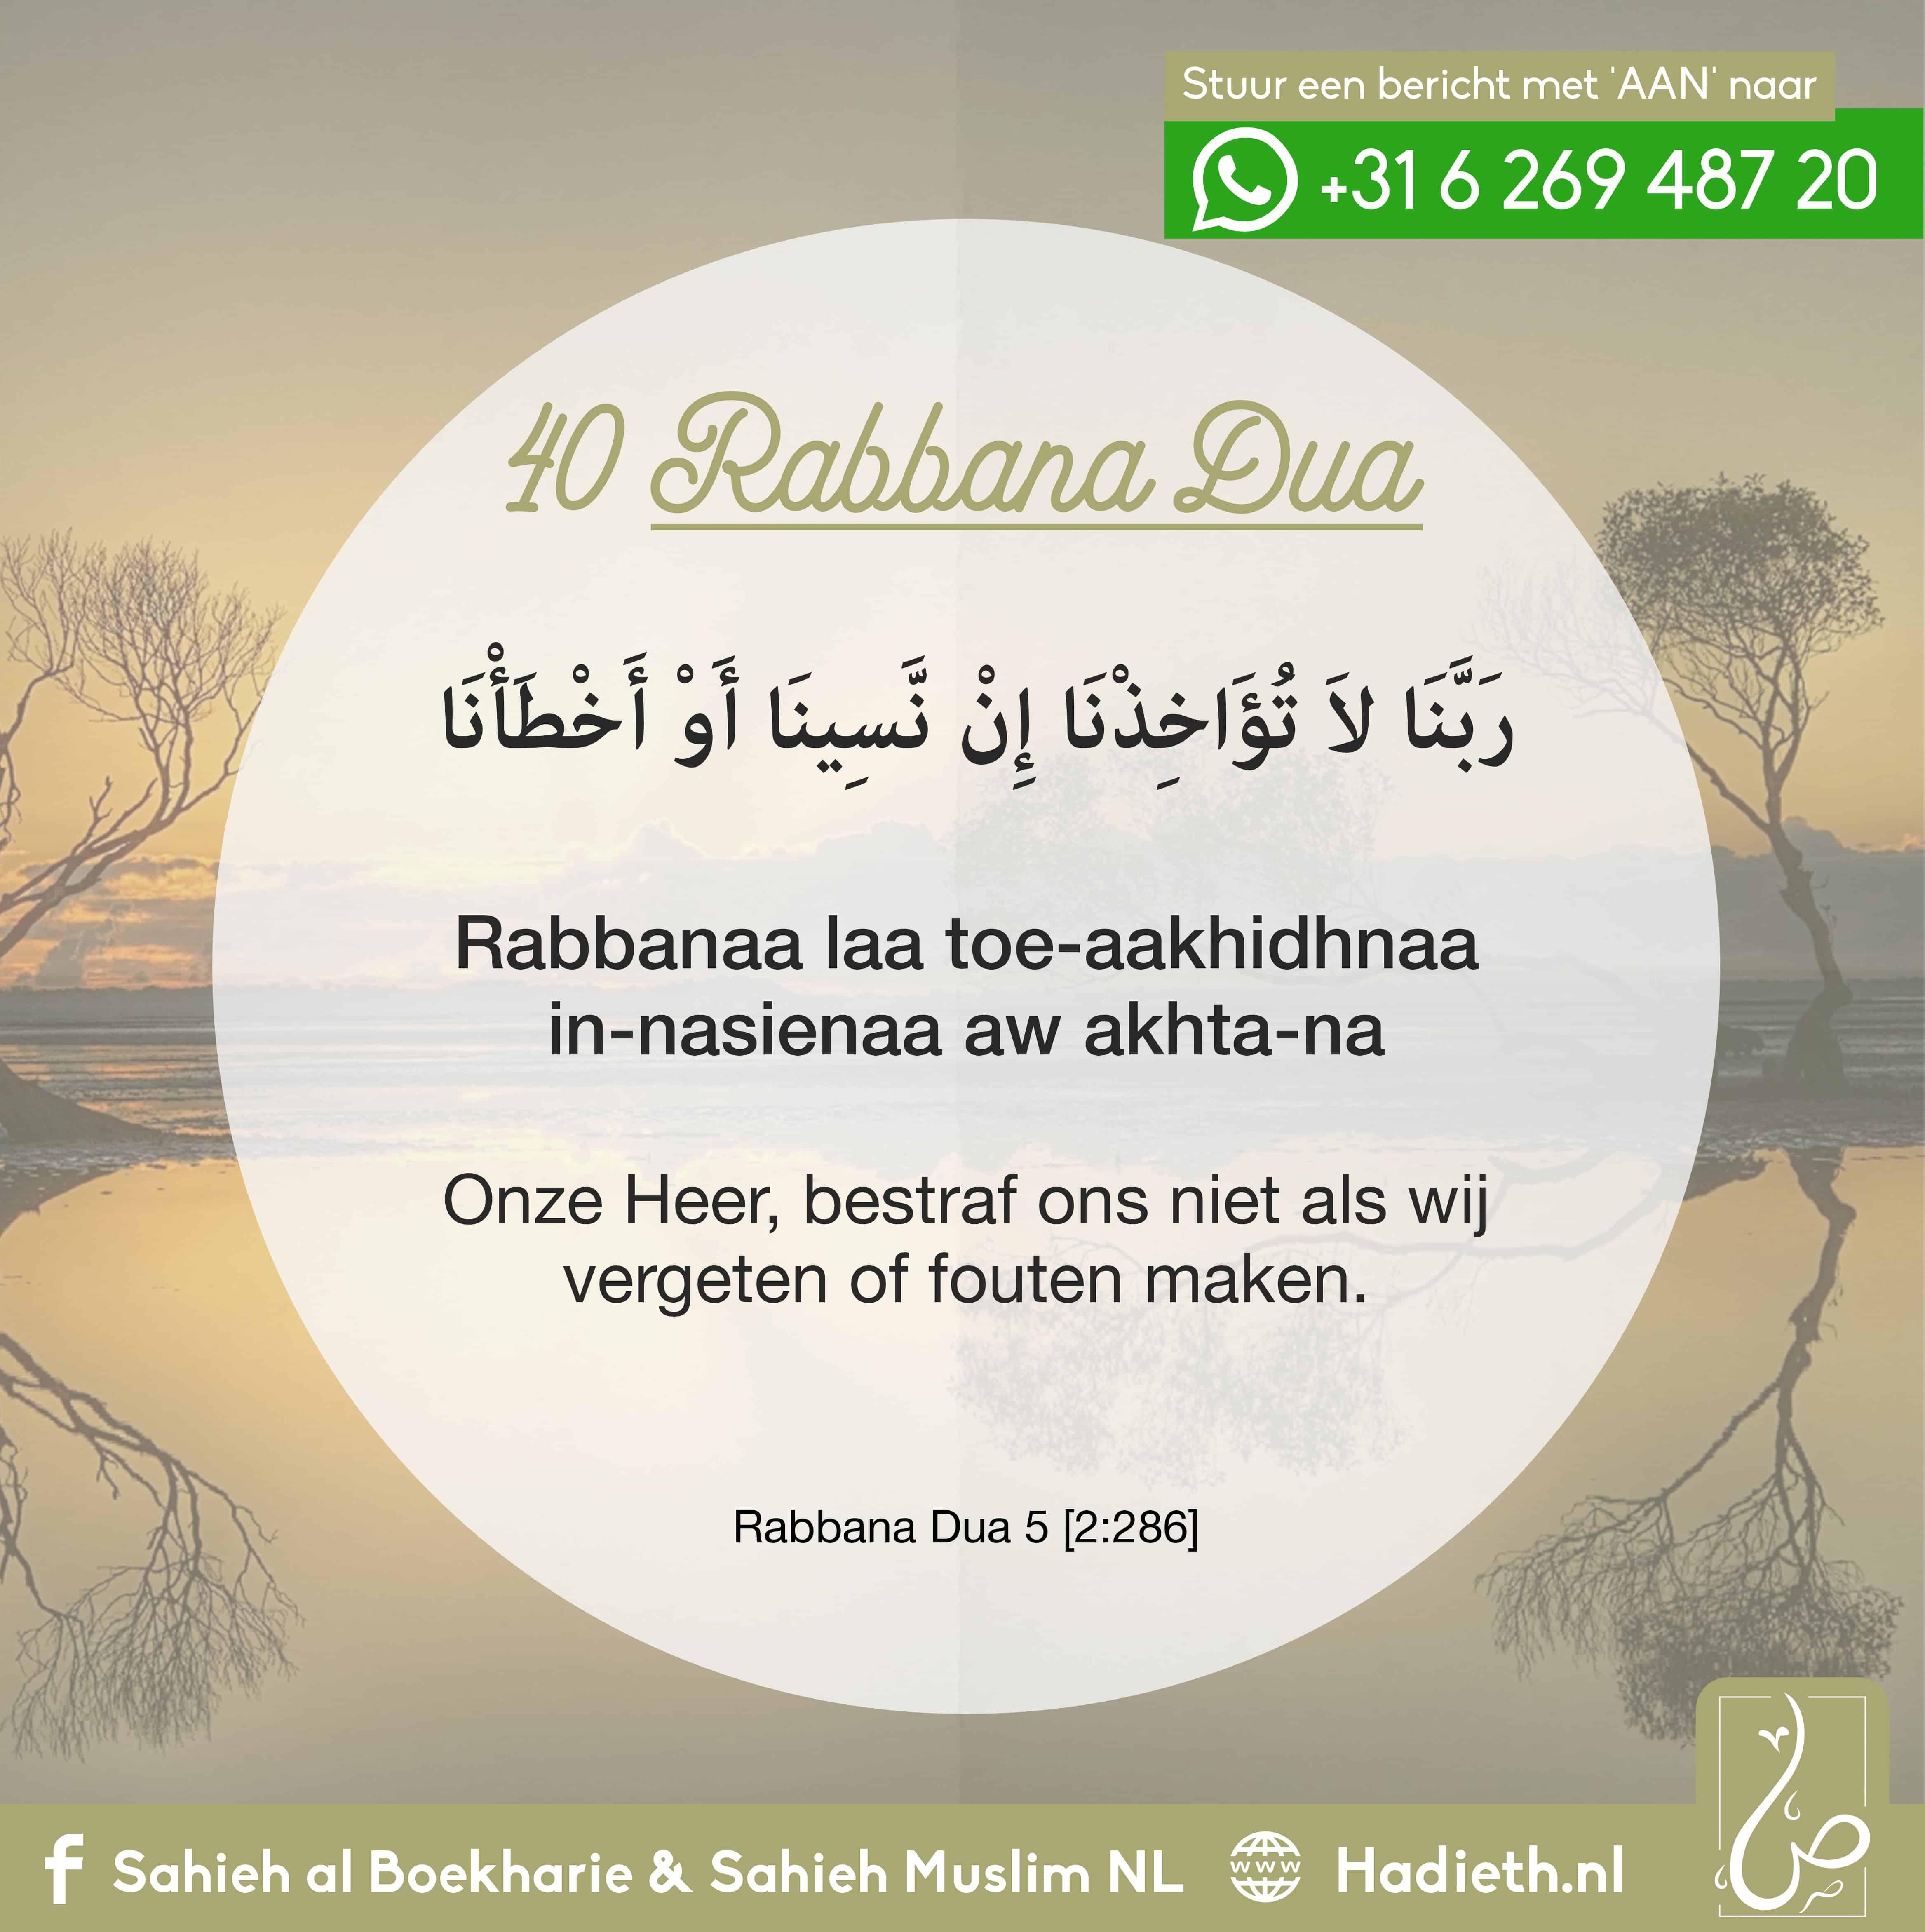 Rabbana Dua 5